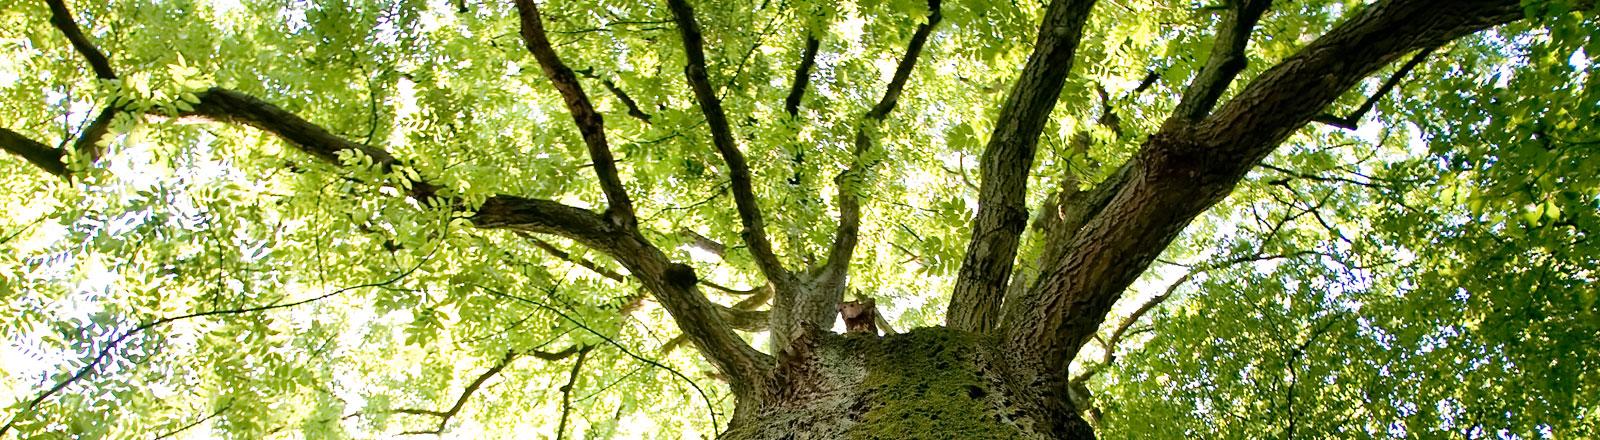 Die Baumkrone eines Baumes.